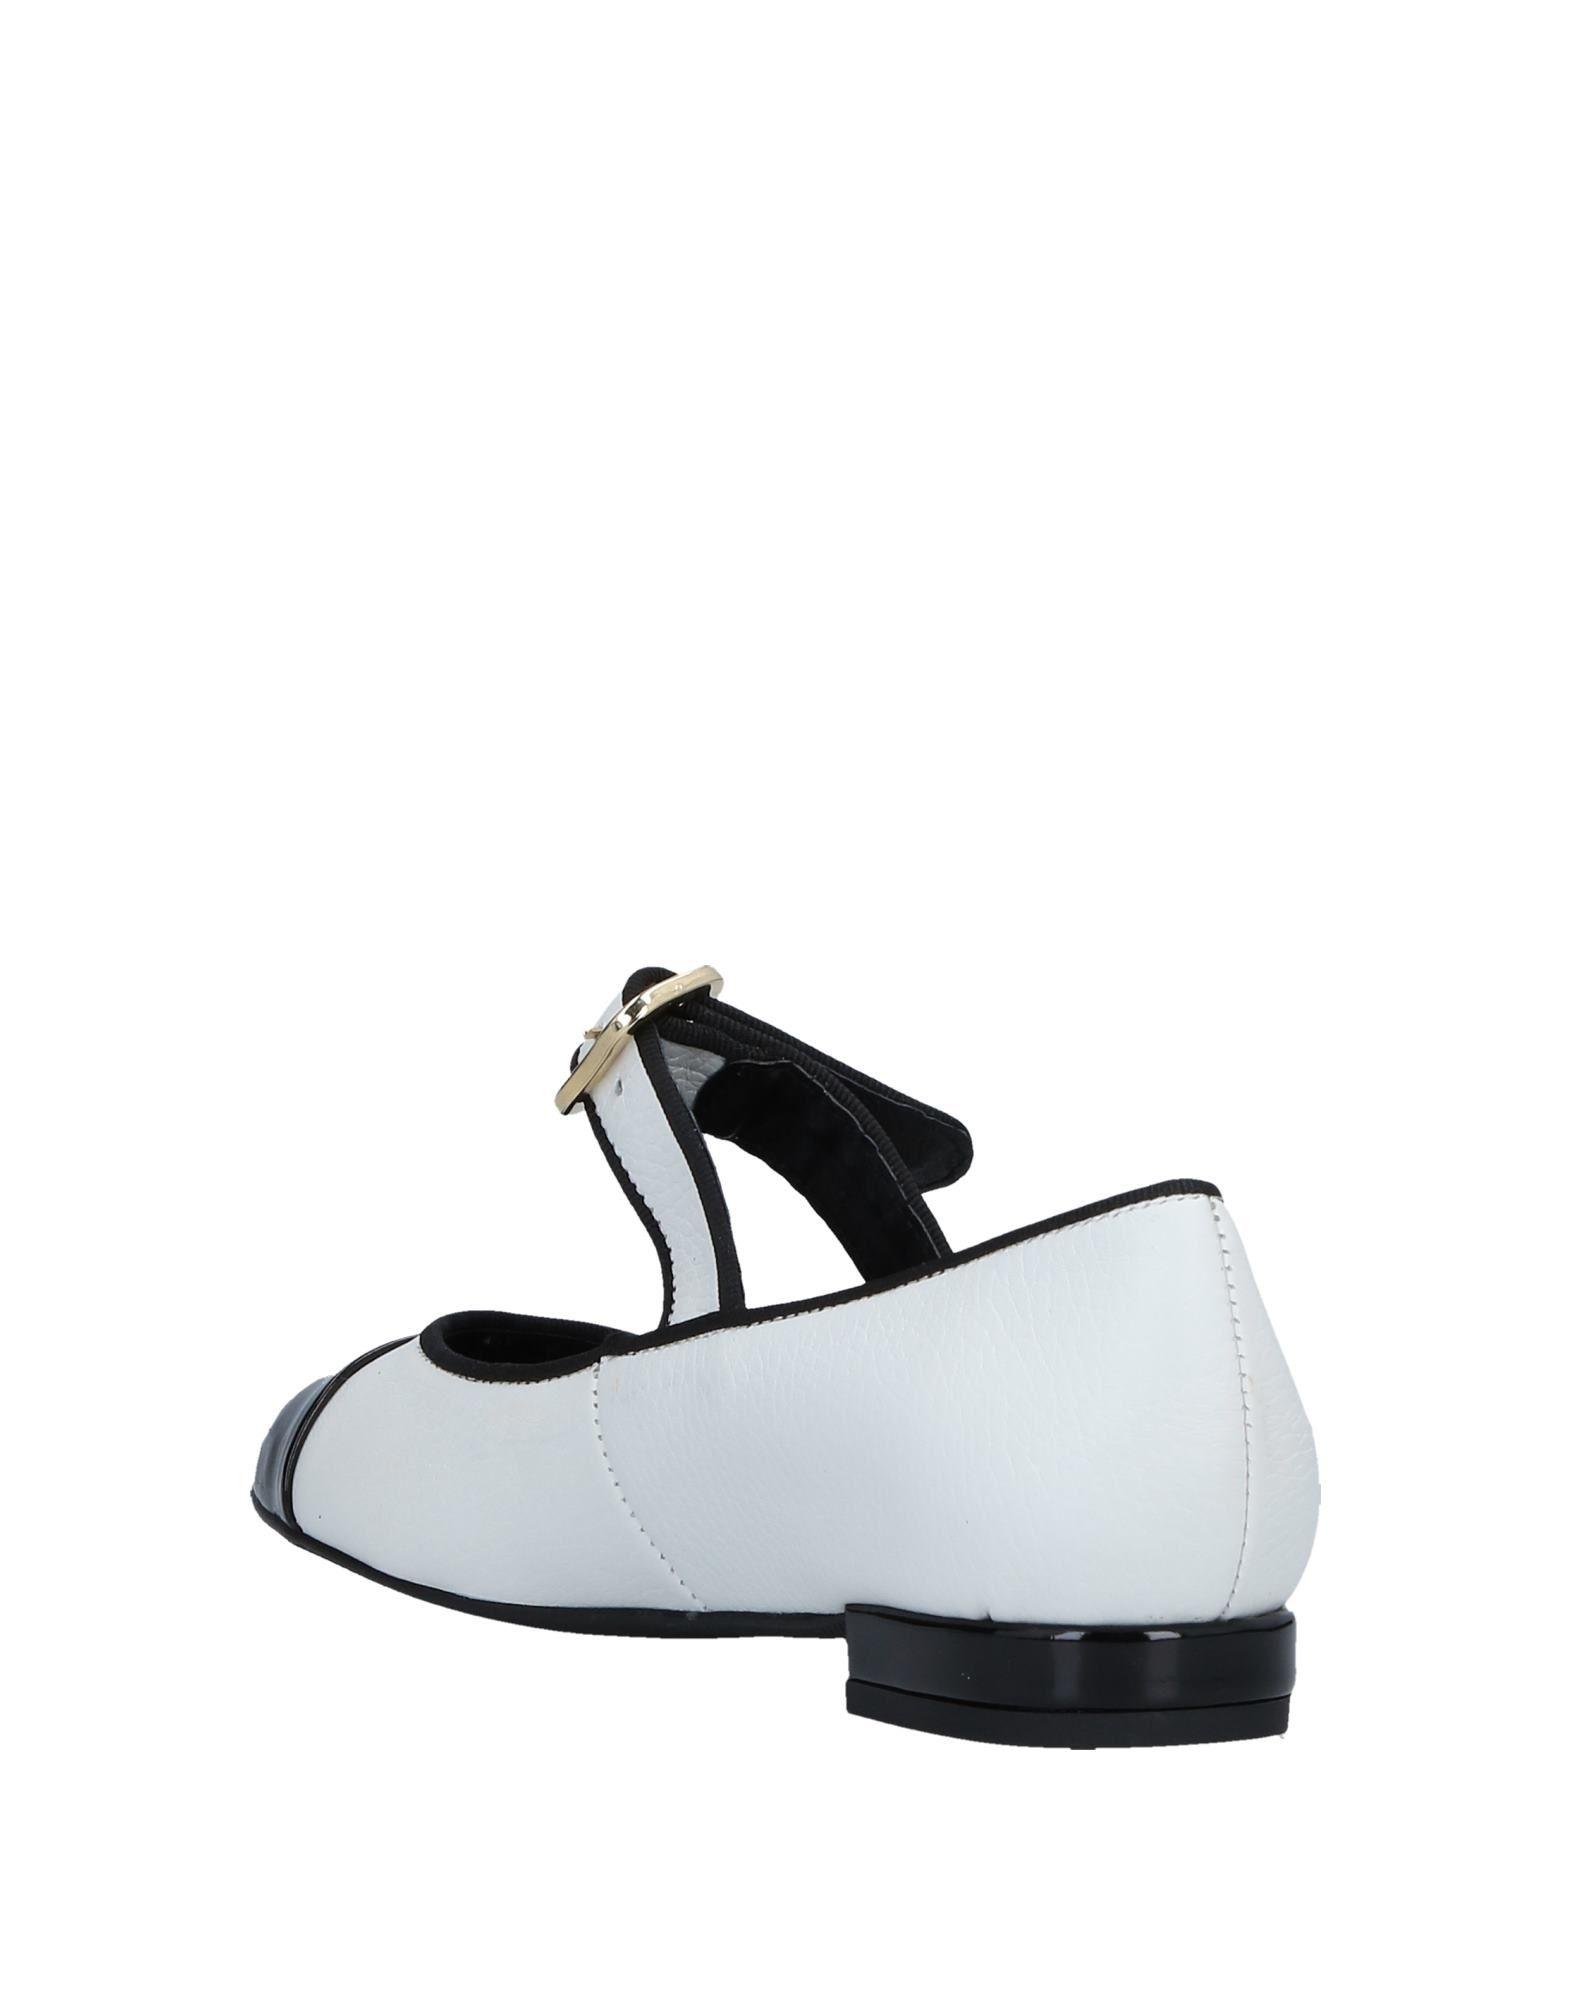 Cuplé Gute Ballerinas Damen  11543515SB Gute Cuplé Qualität beliebte Schuhe af9d54